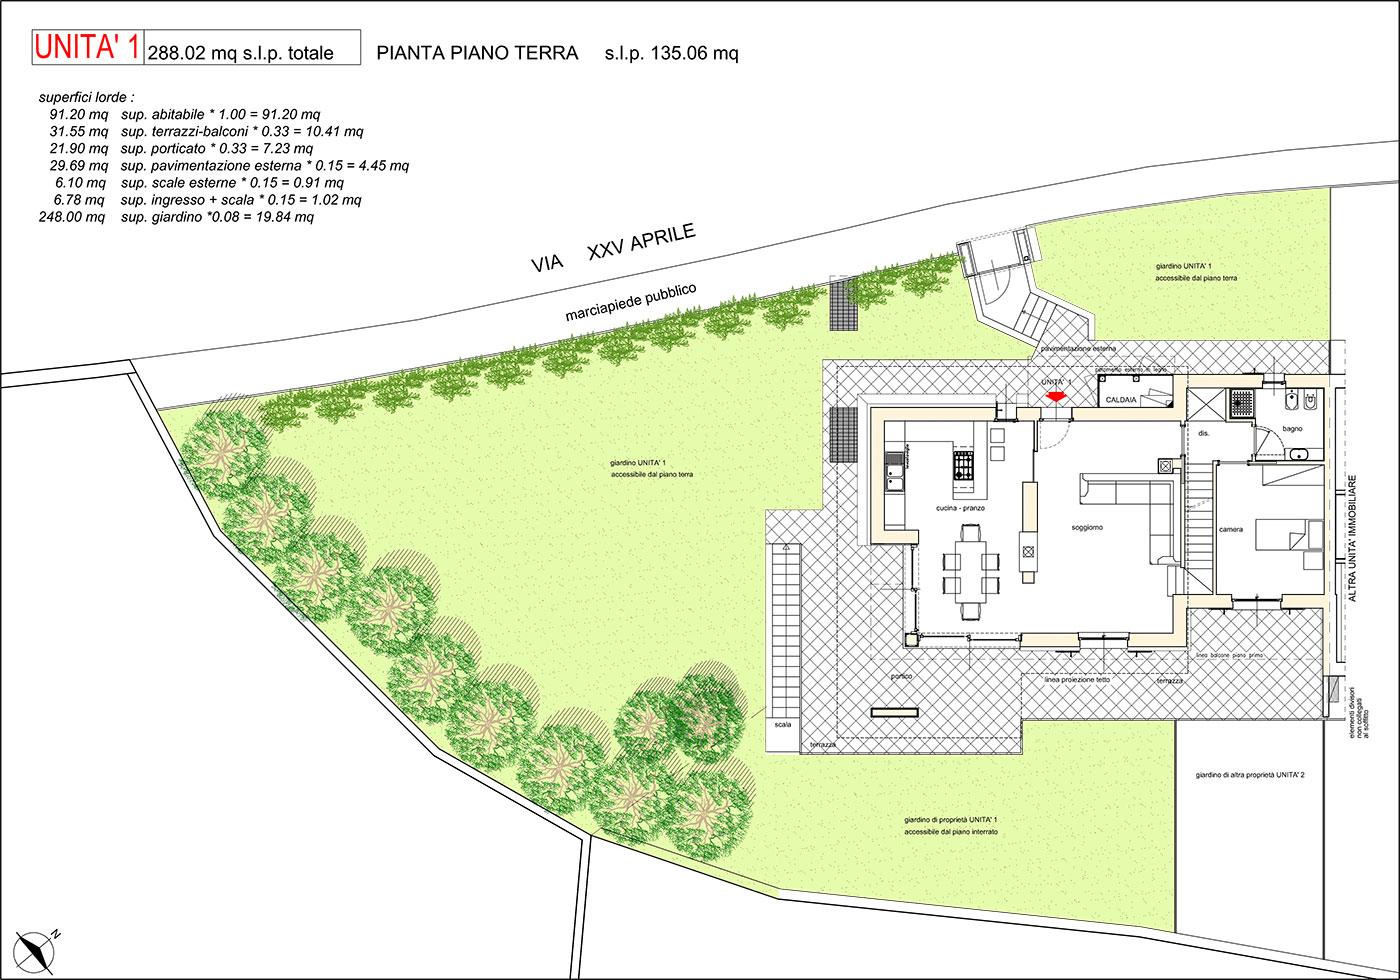 Residence al poggio planimetrie residence al poggio for Progettista del piano terra del garage